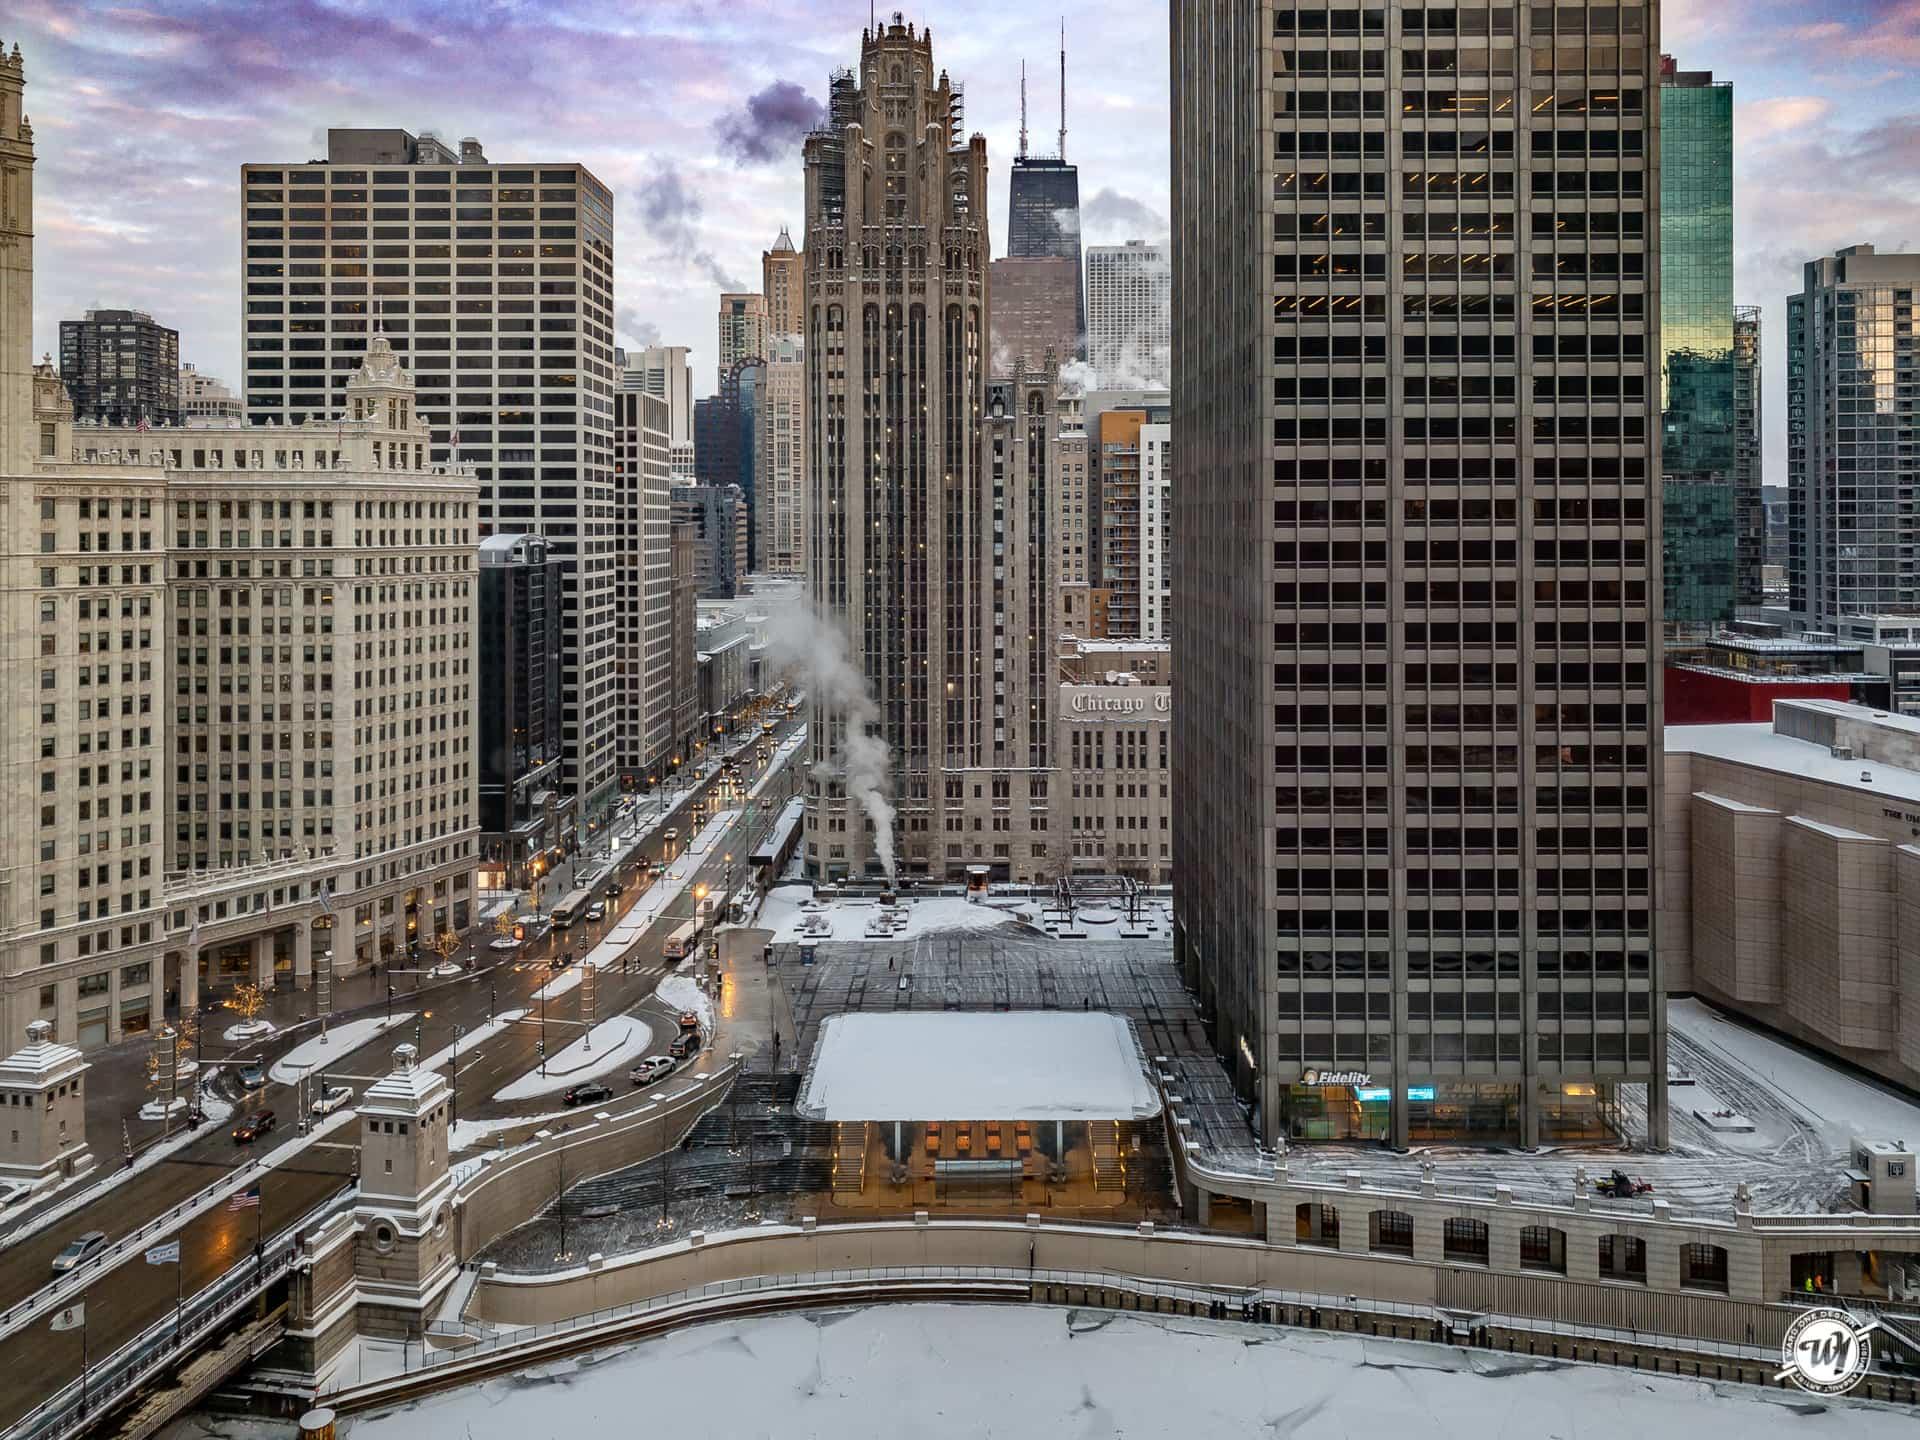 Chicago Polar Vortex 2019